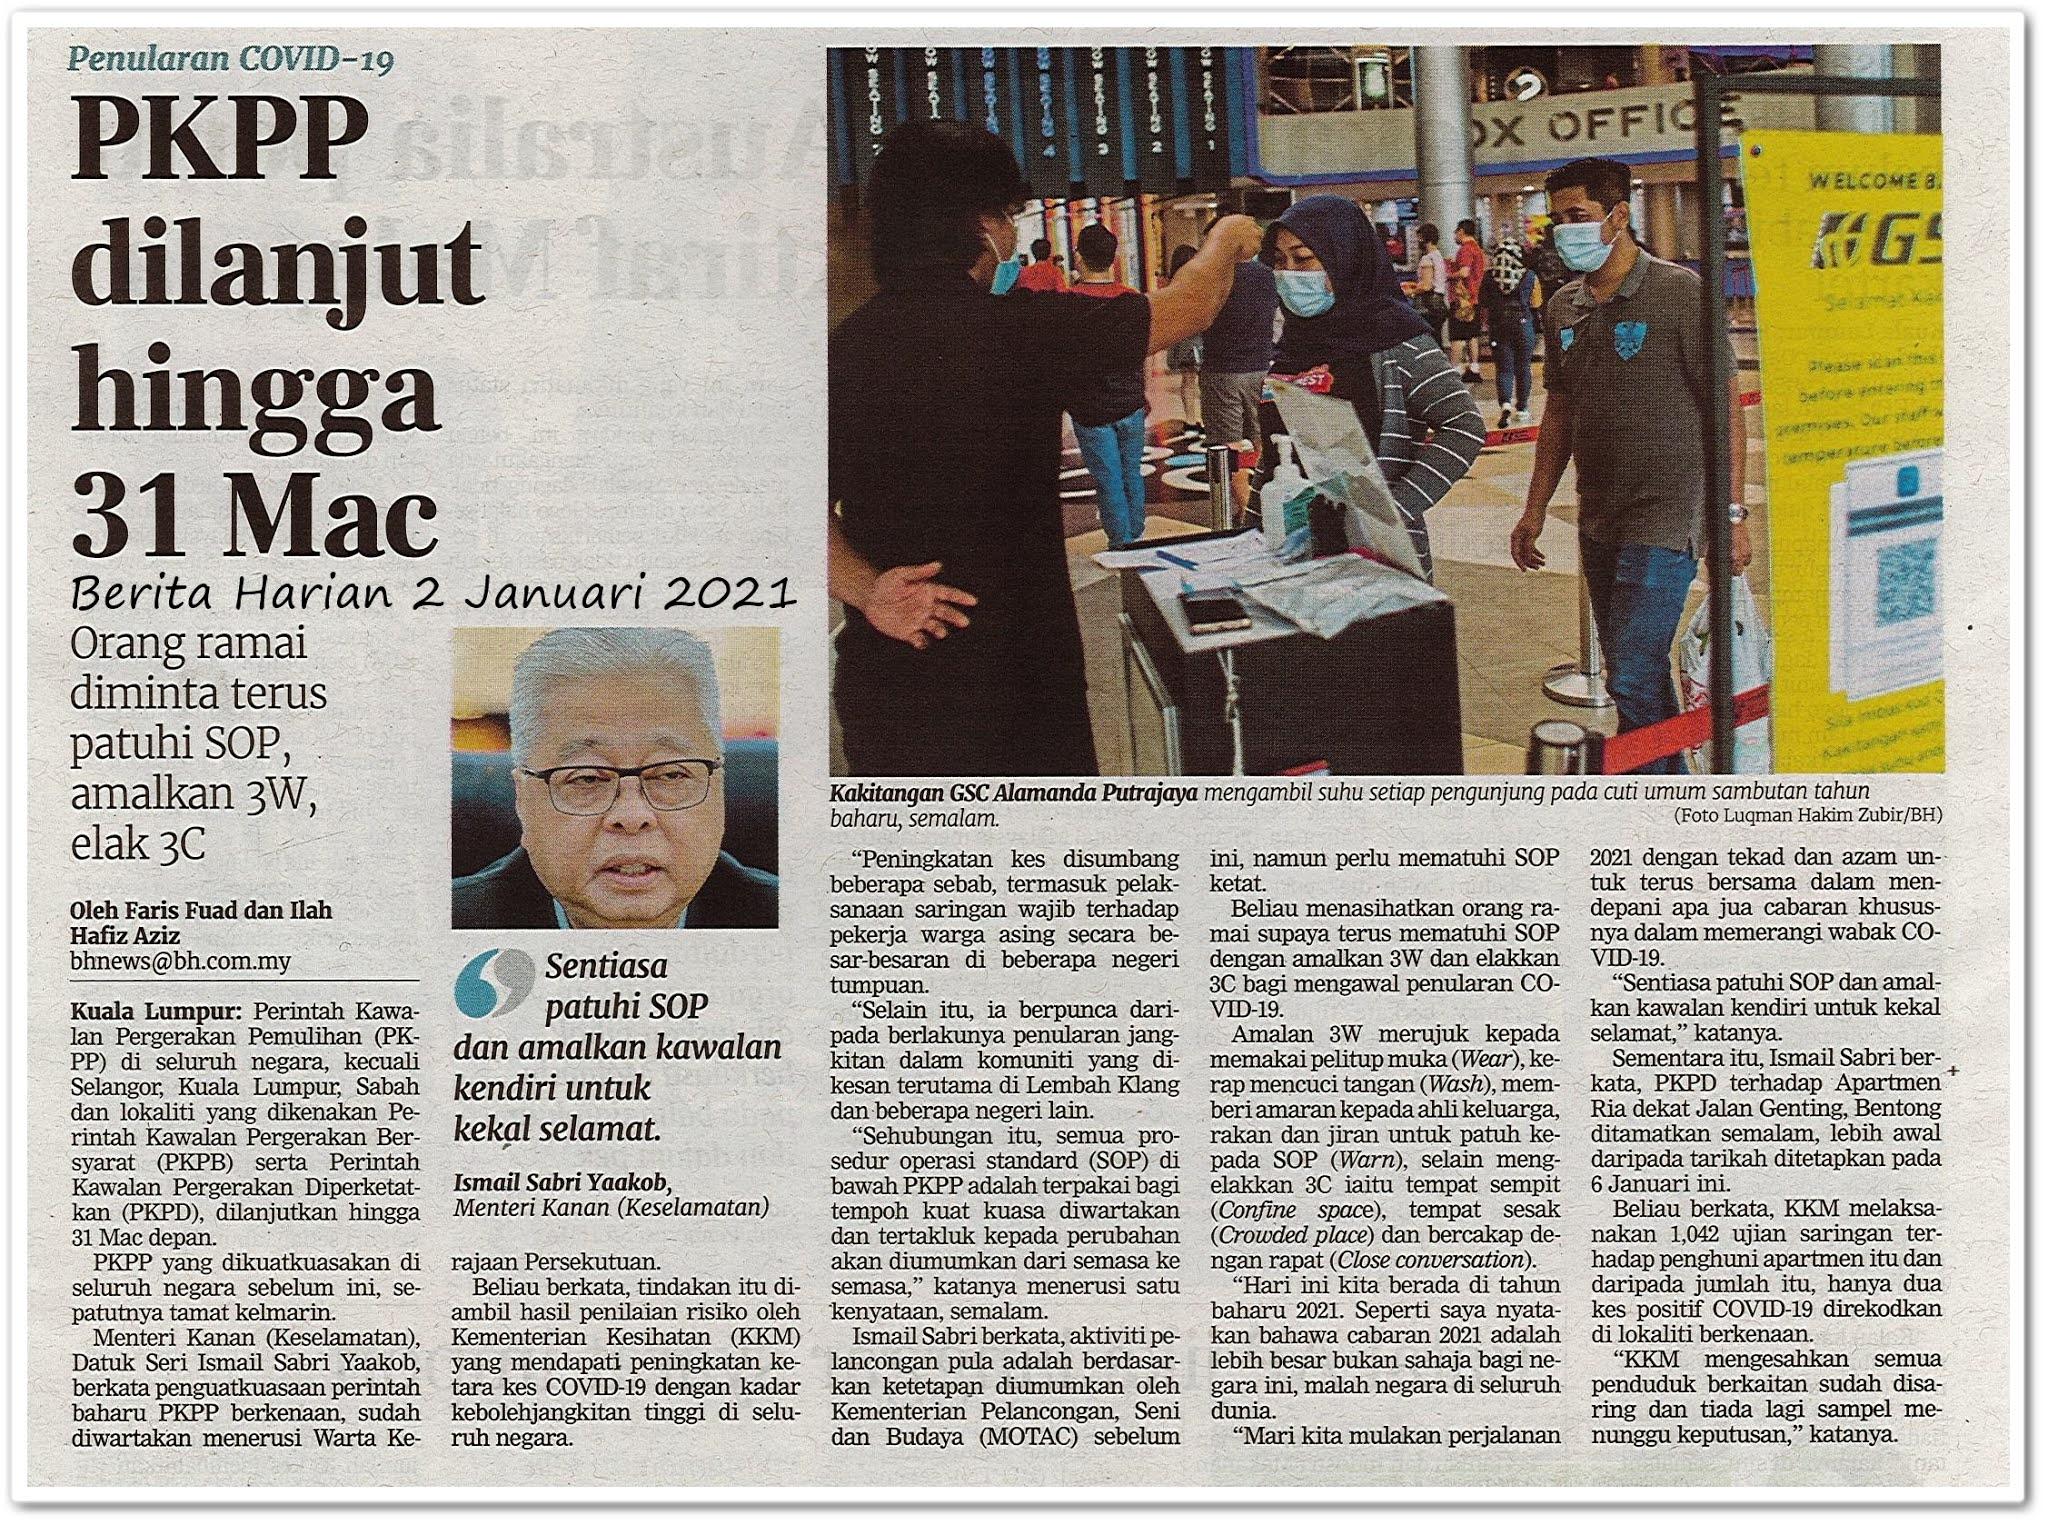 PKPP dilanjut sehigga 31 Mac - Keratan akhbar Berita Harian 2 Januari 2021